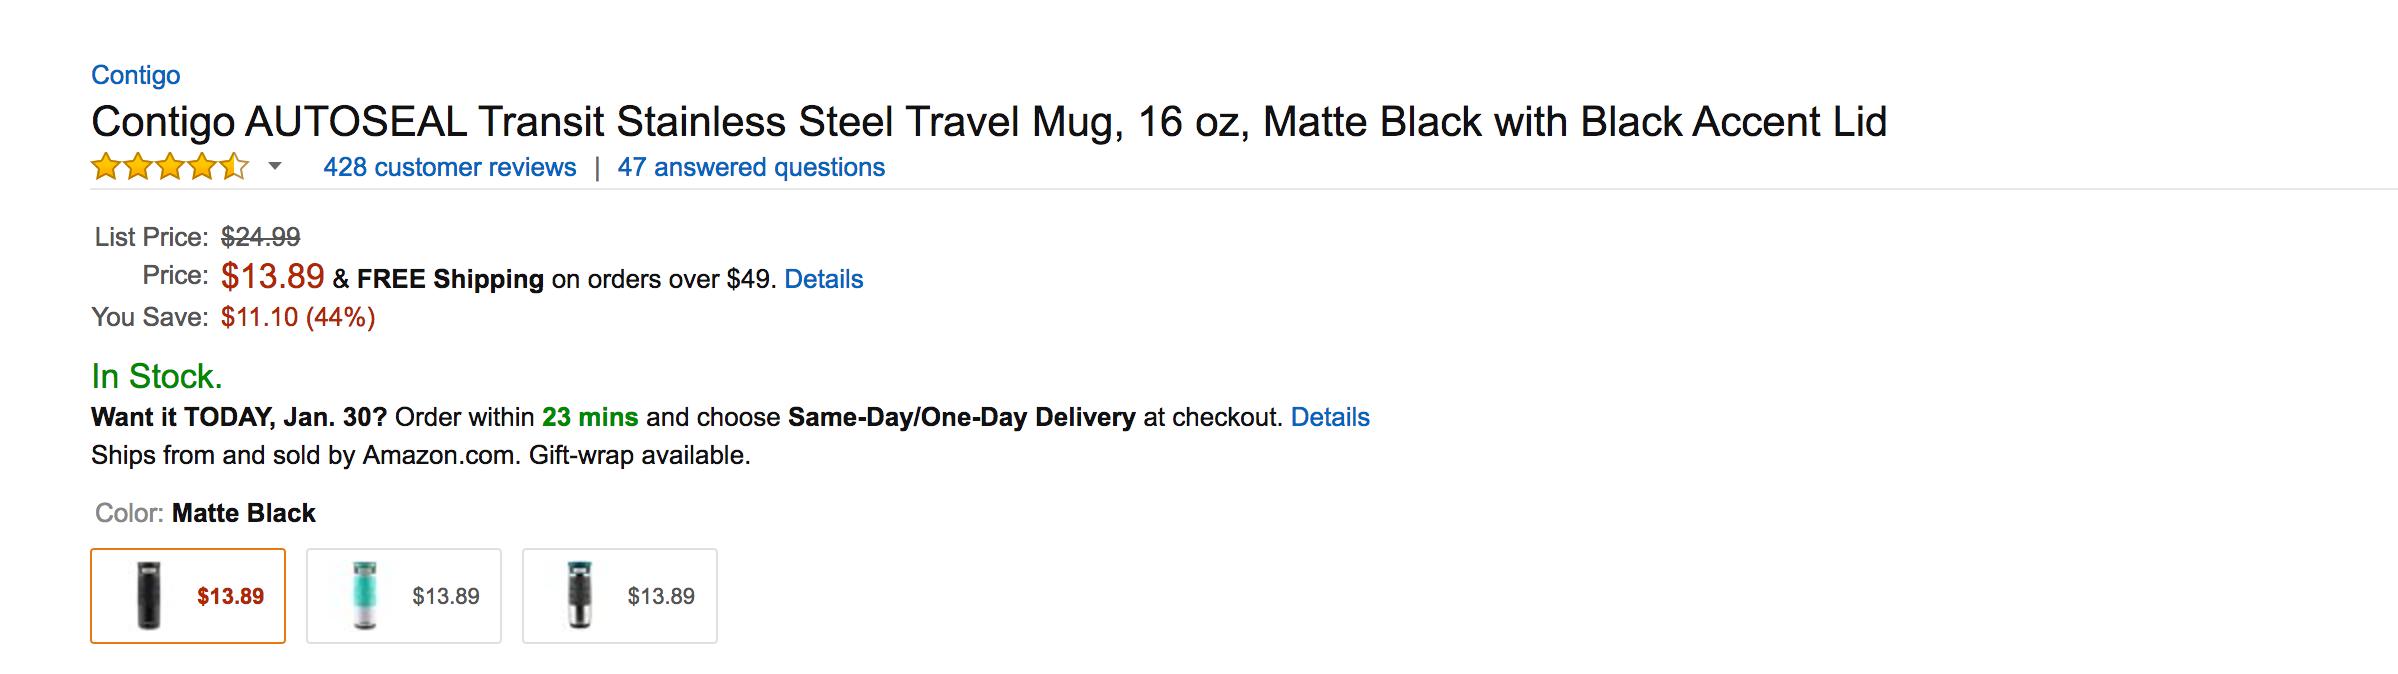 contigo-autoseal-transit-mug